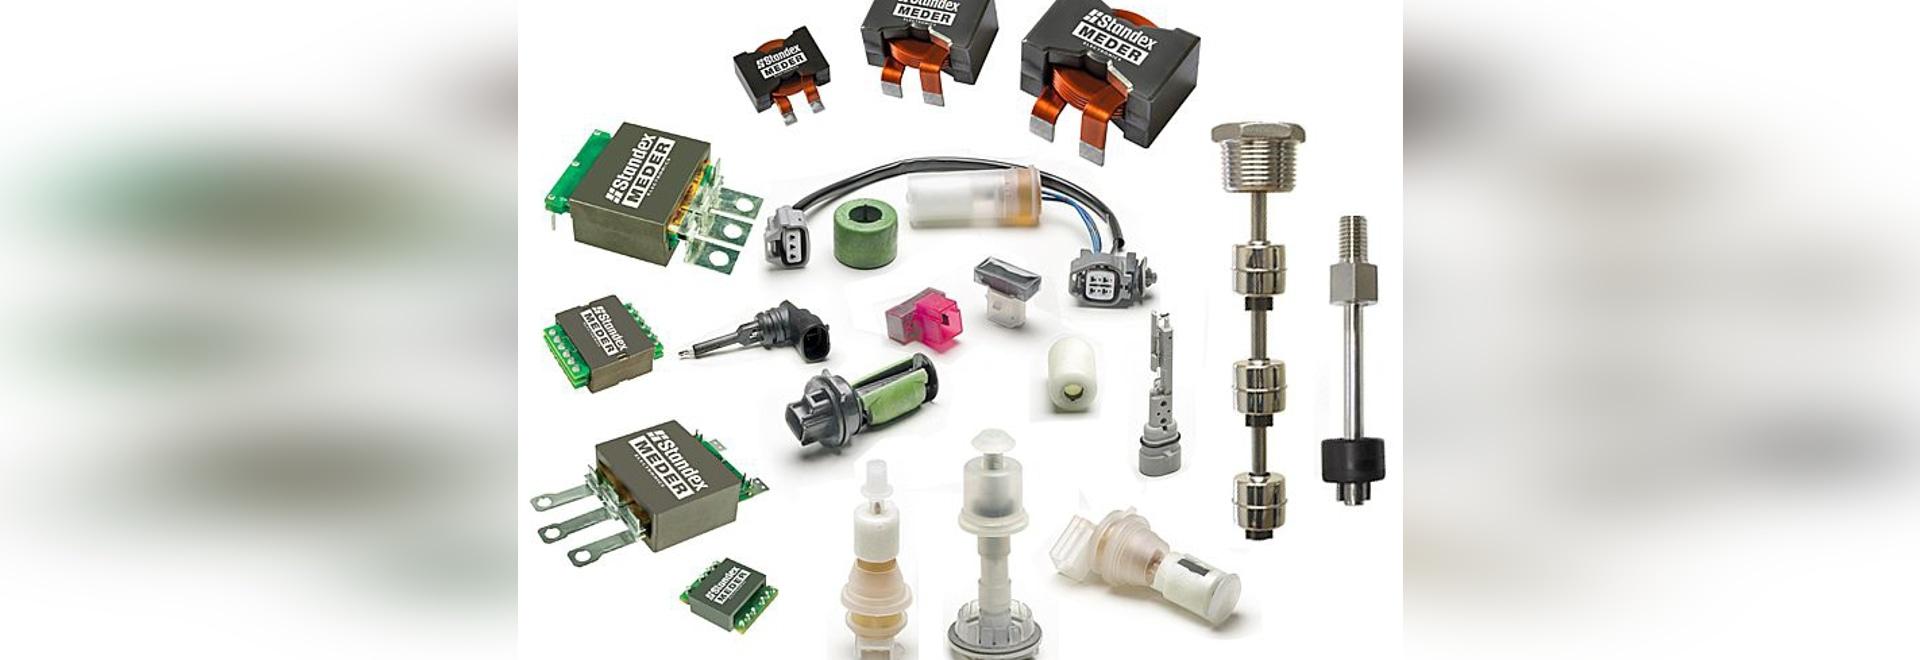 Standex-Meder Electronics stellt auf der PCIM und der Sensor & Test in Nürnberg vom 10.-12.05.2016 aus